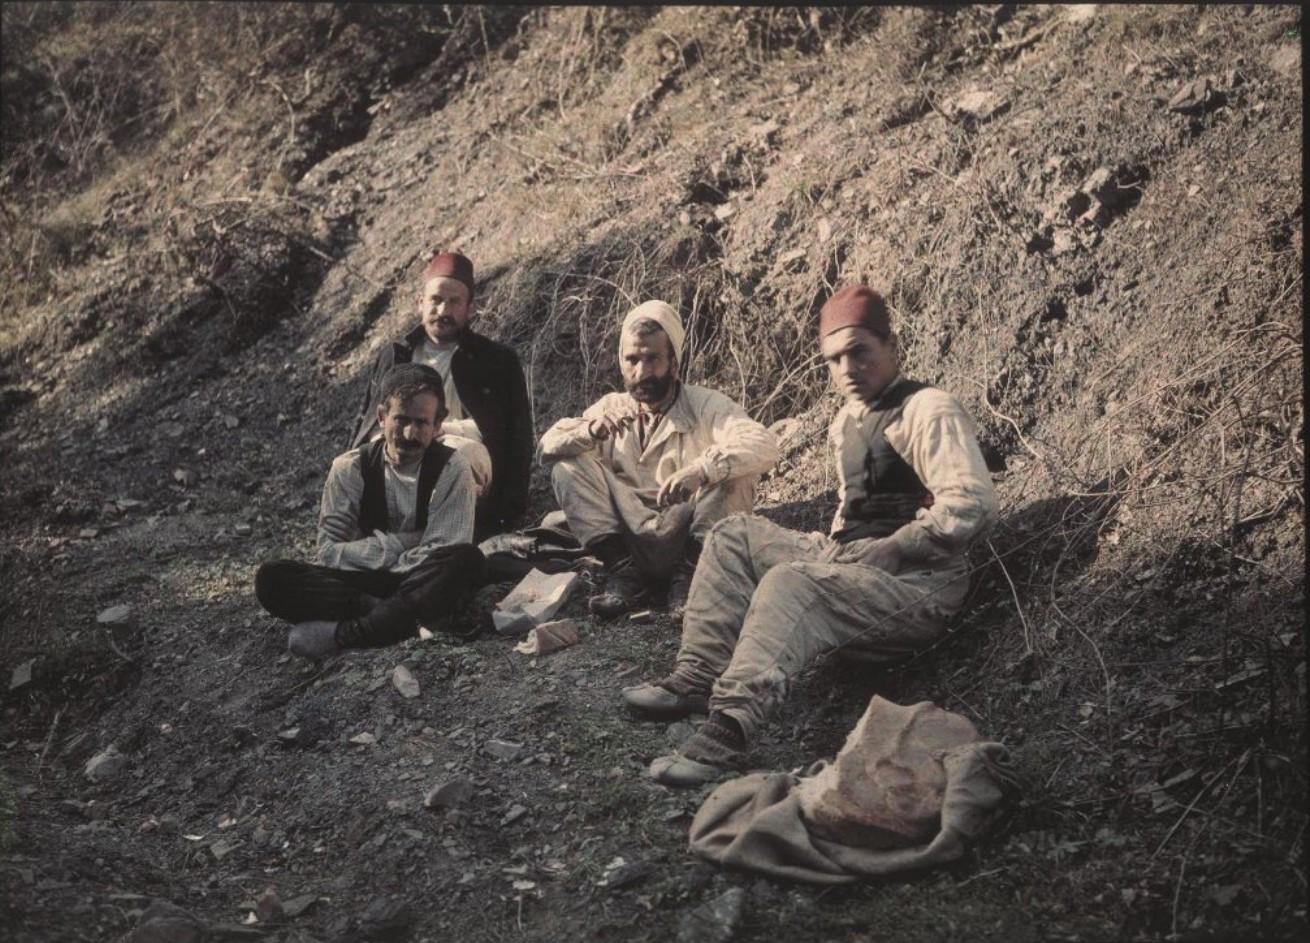 1910-е. Четверо мужчин, сидящих на земле.  Ялта